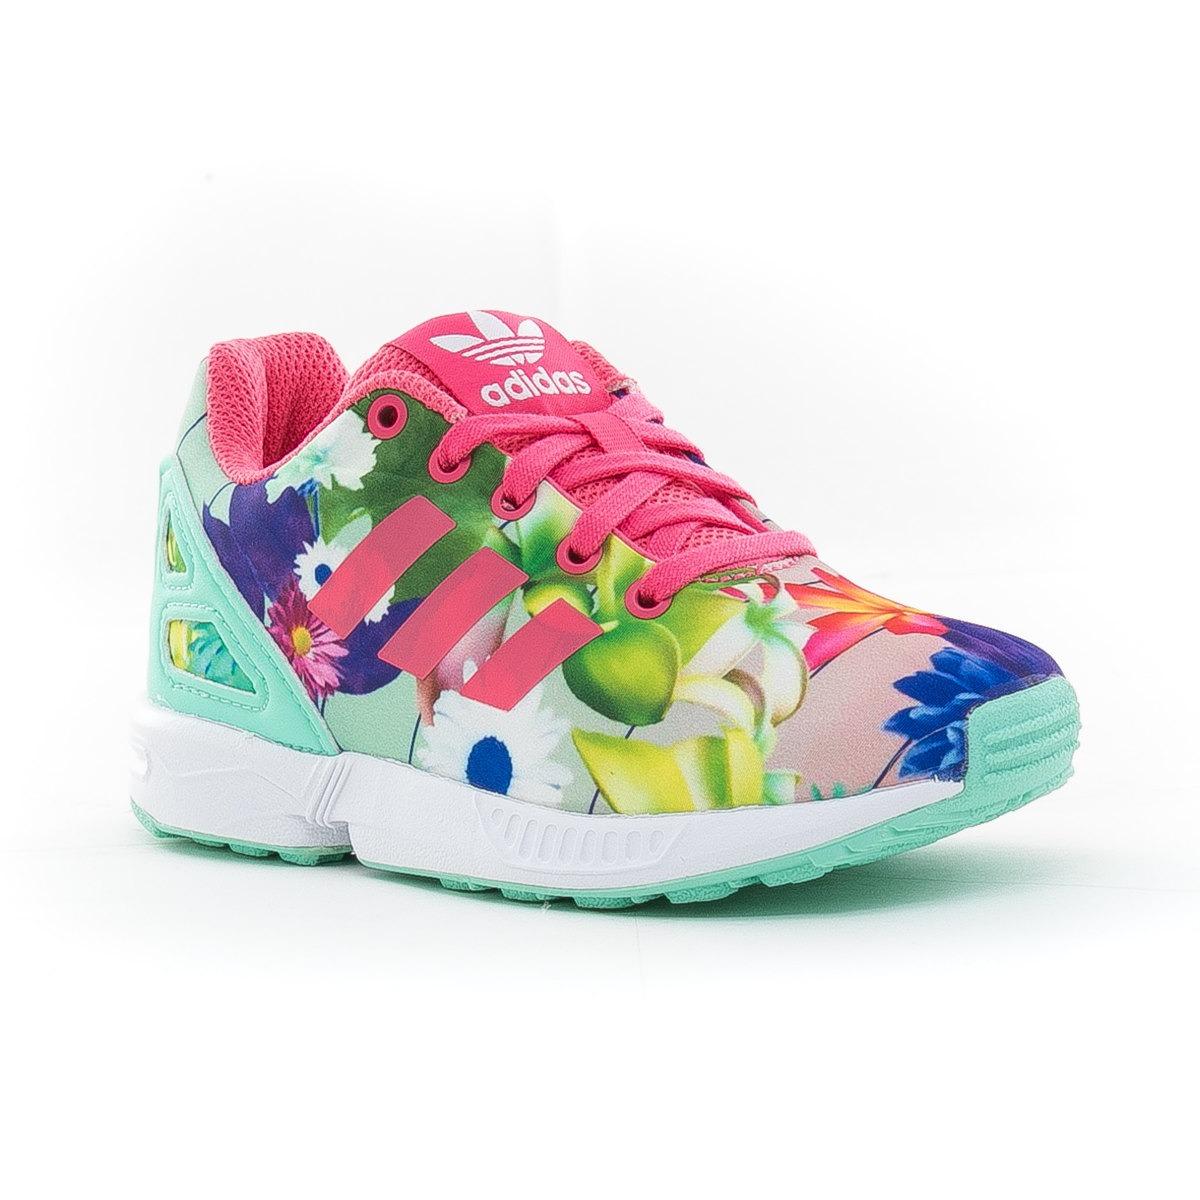 087887e76478d zapatillas zx flux c adidas originals tienda oficial. Cargando zoom.